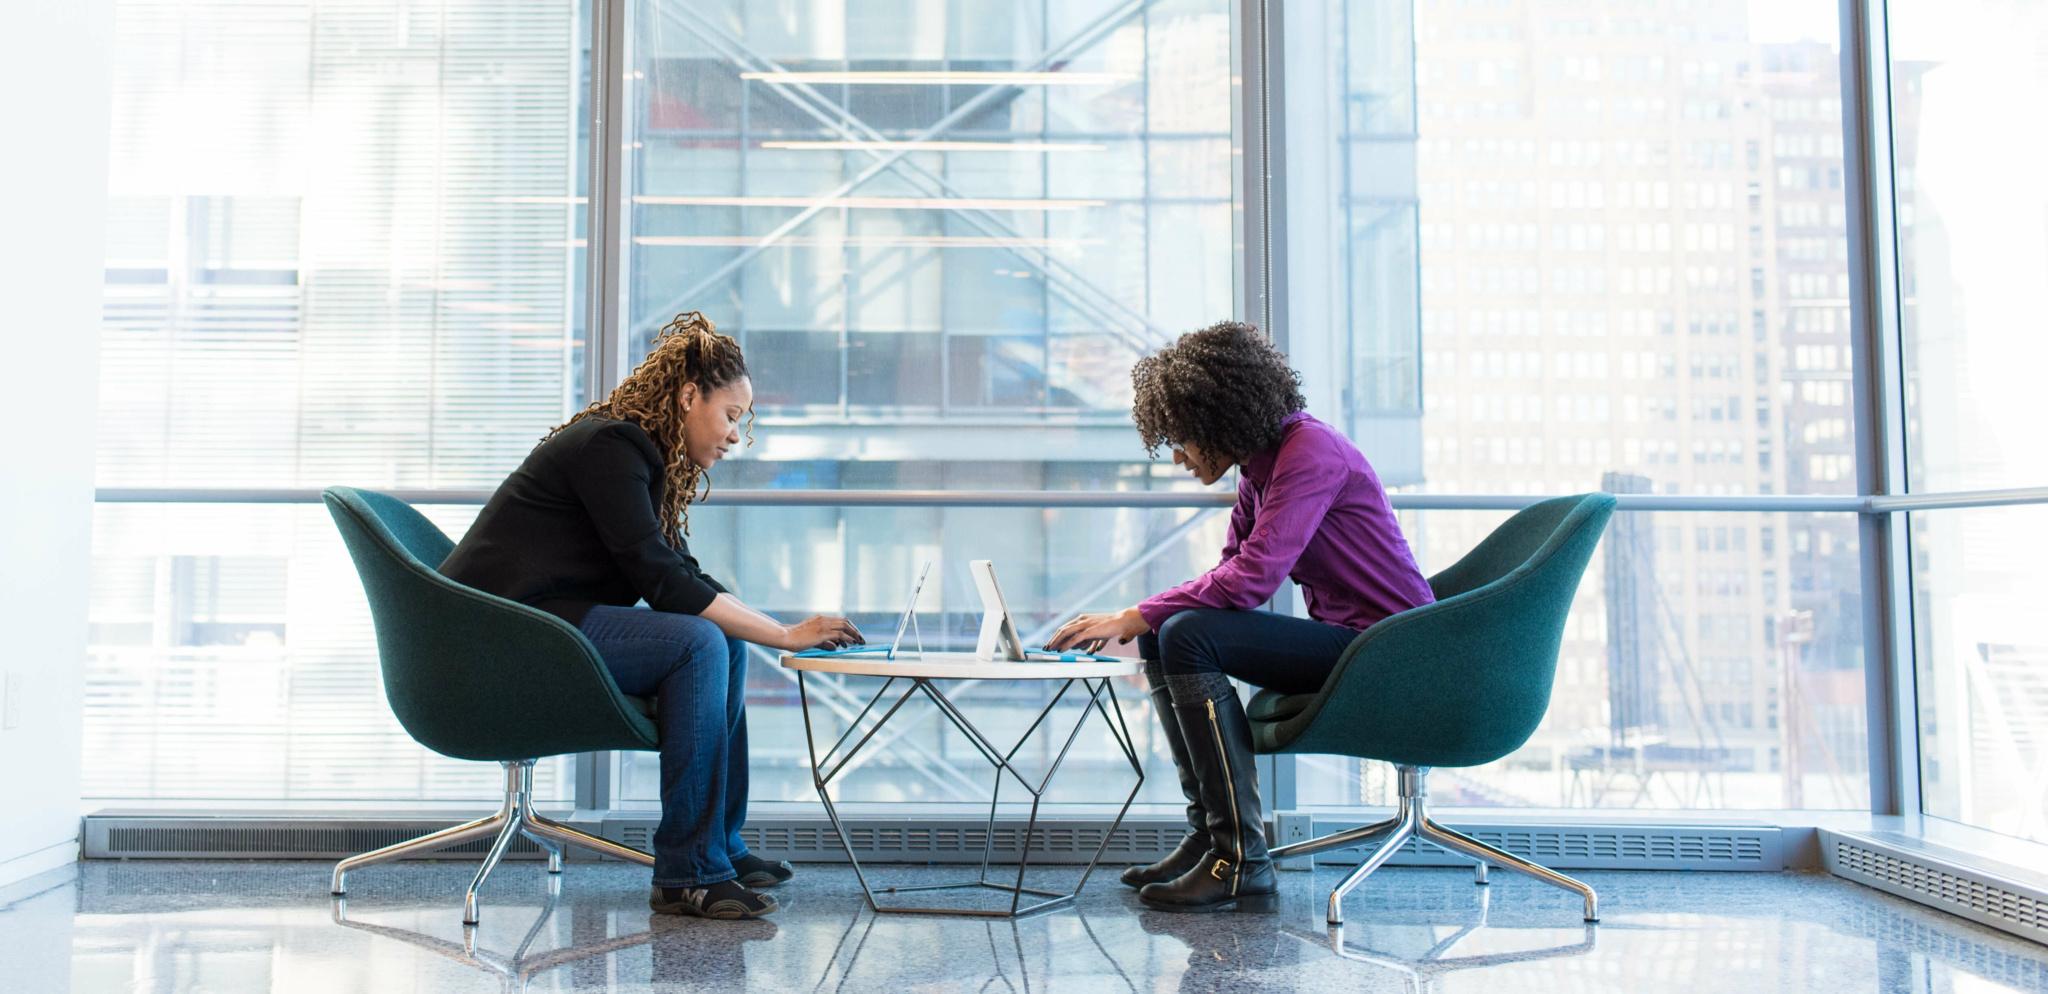 Build a Customer-Centric Organization